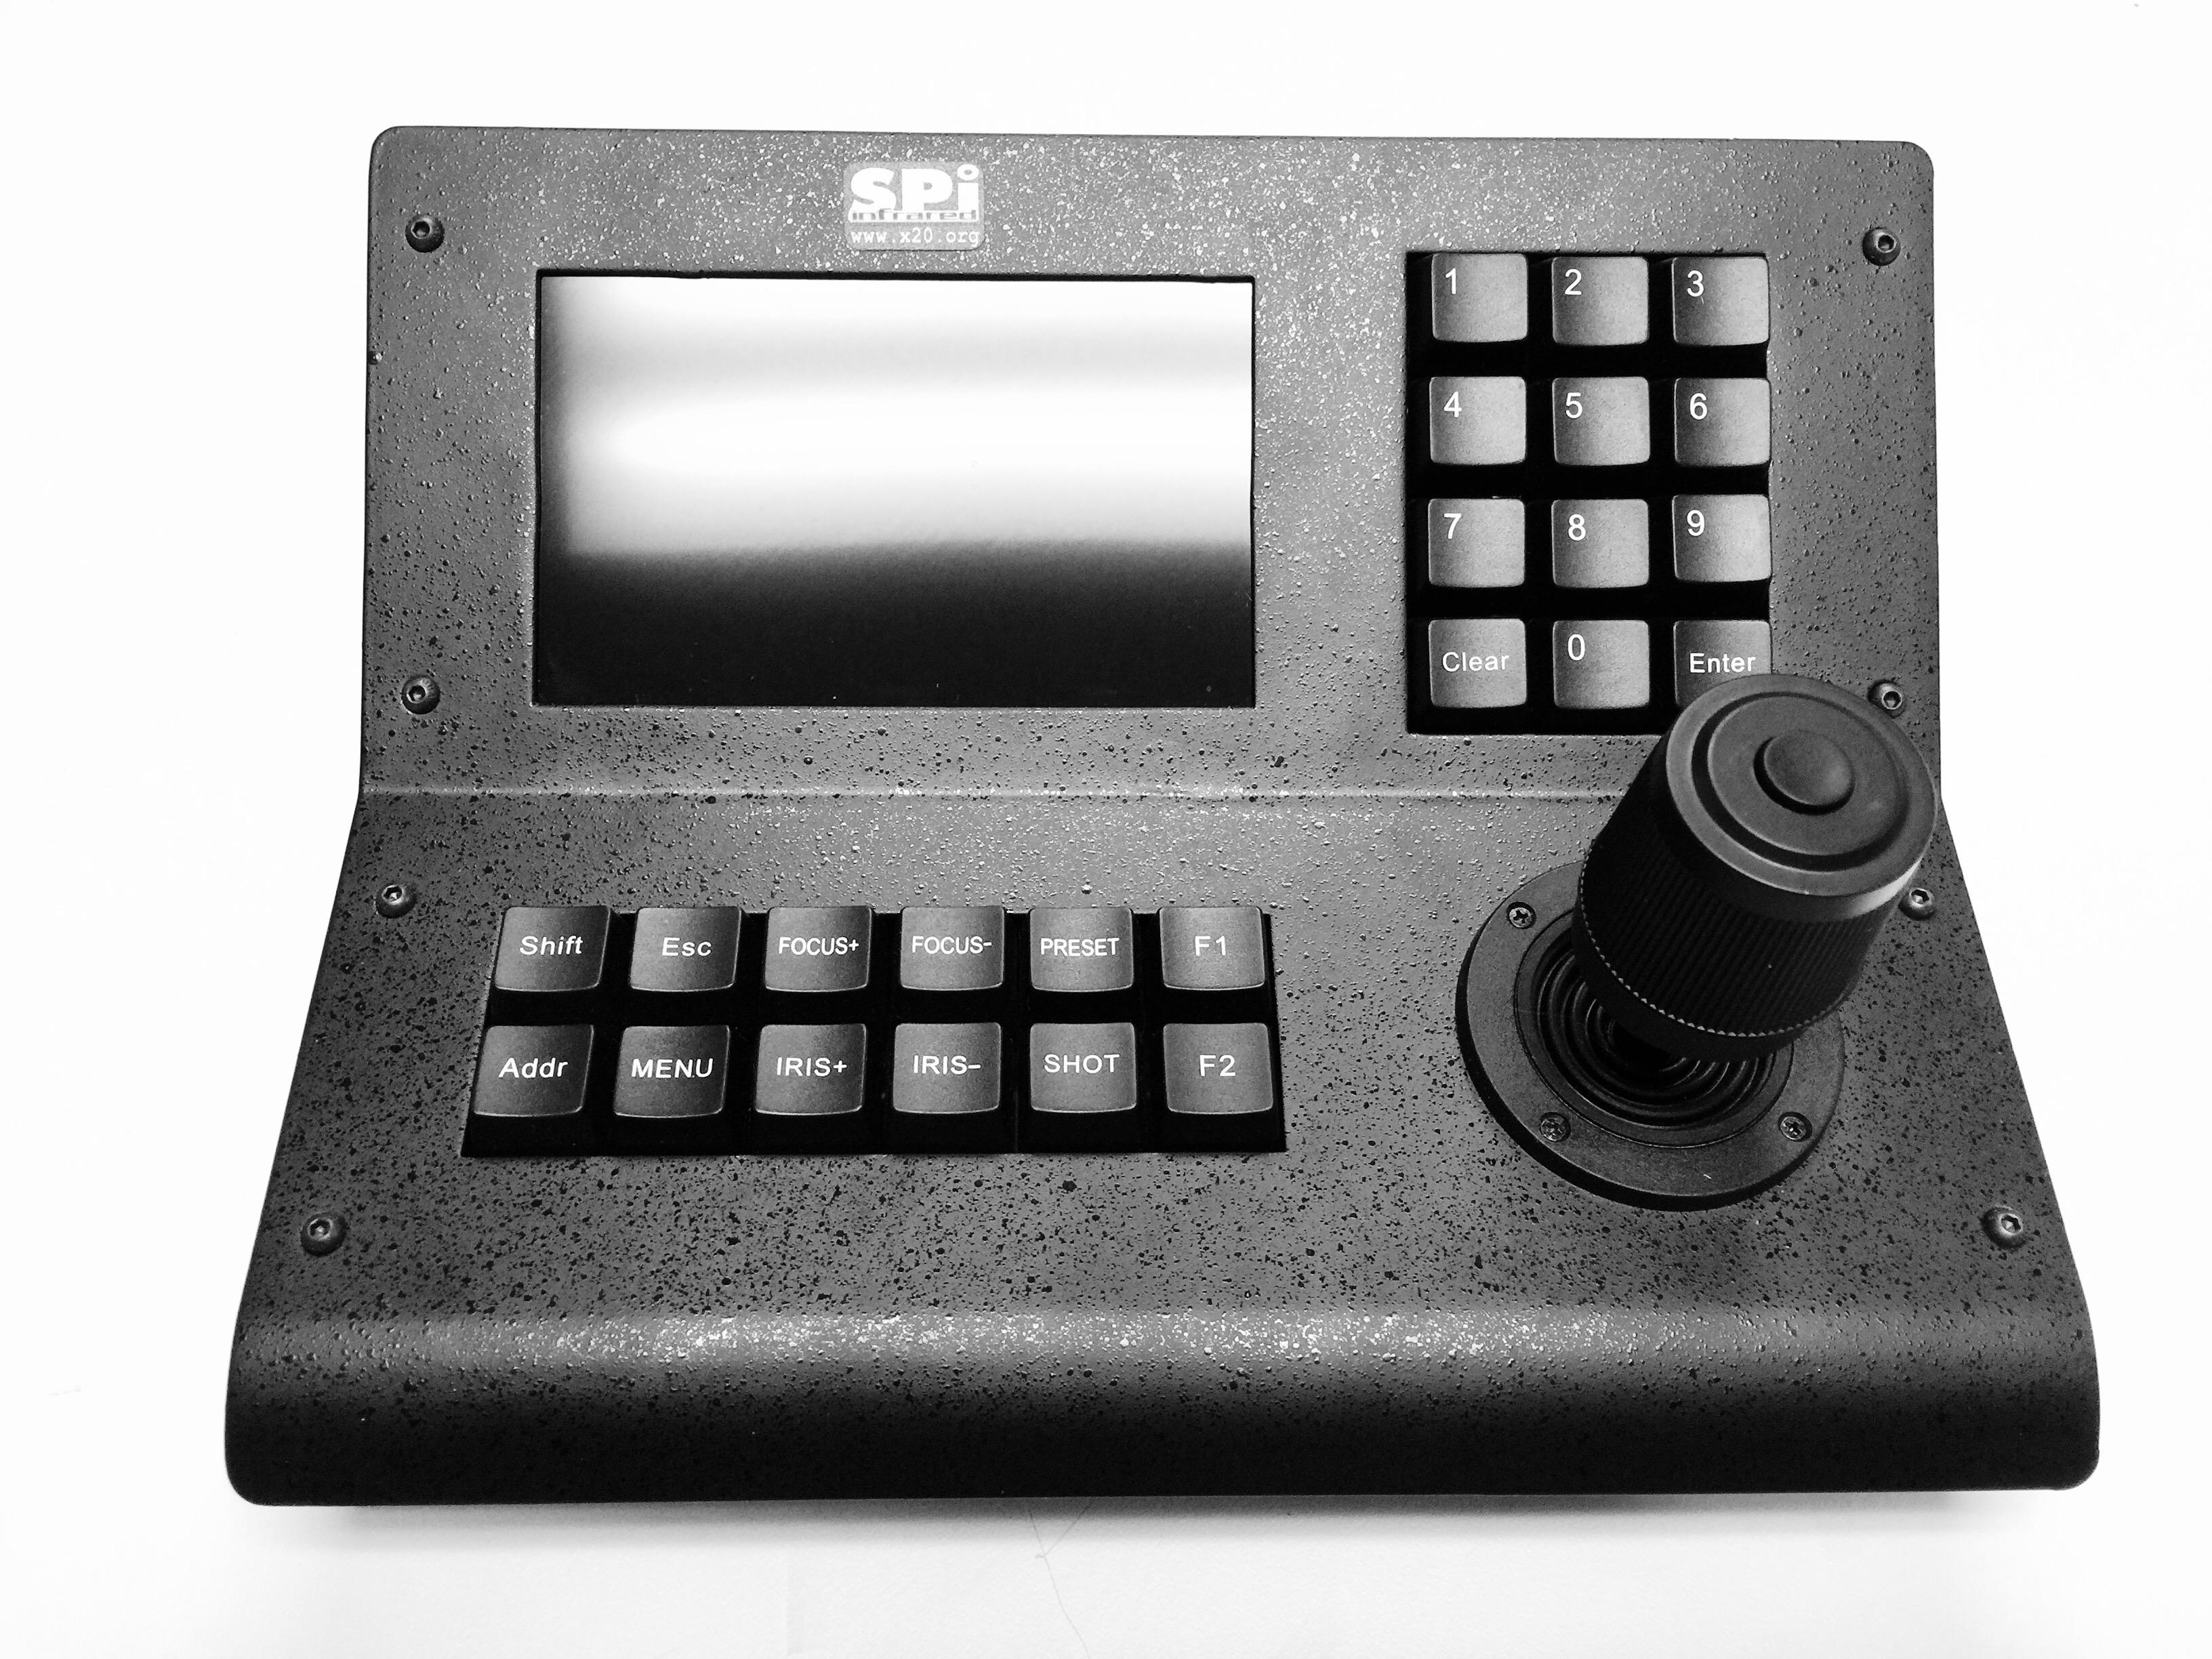 M5 Long Range FLIR Thermal Surveillance Camera Imager